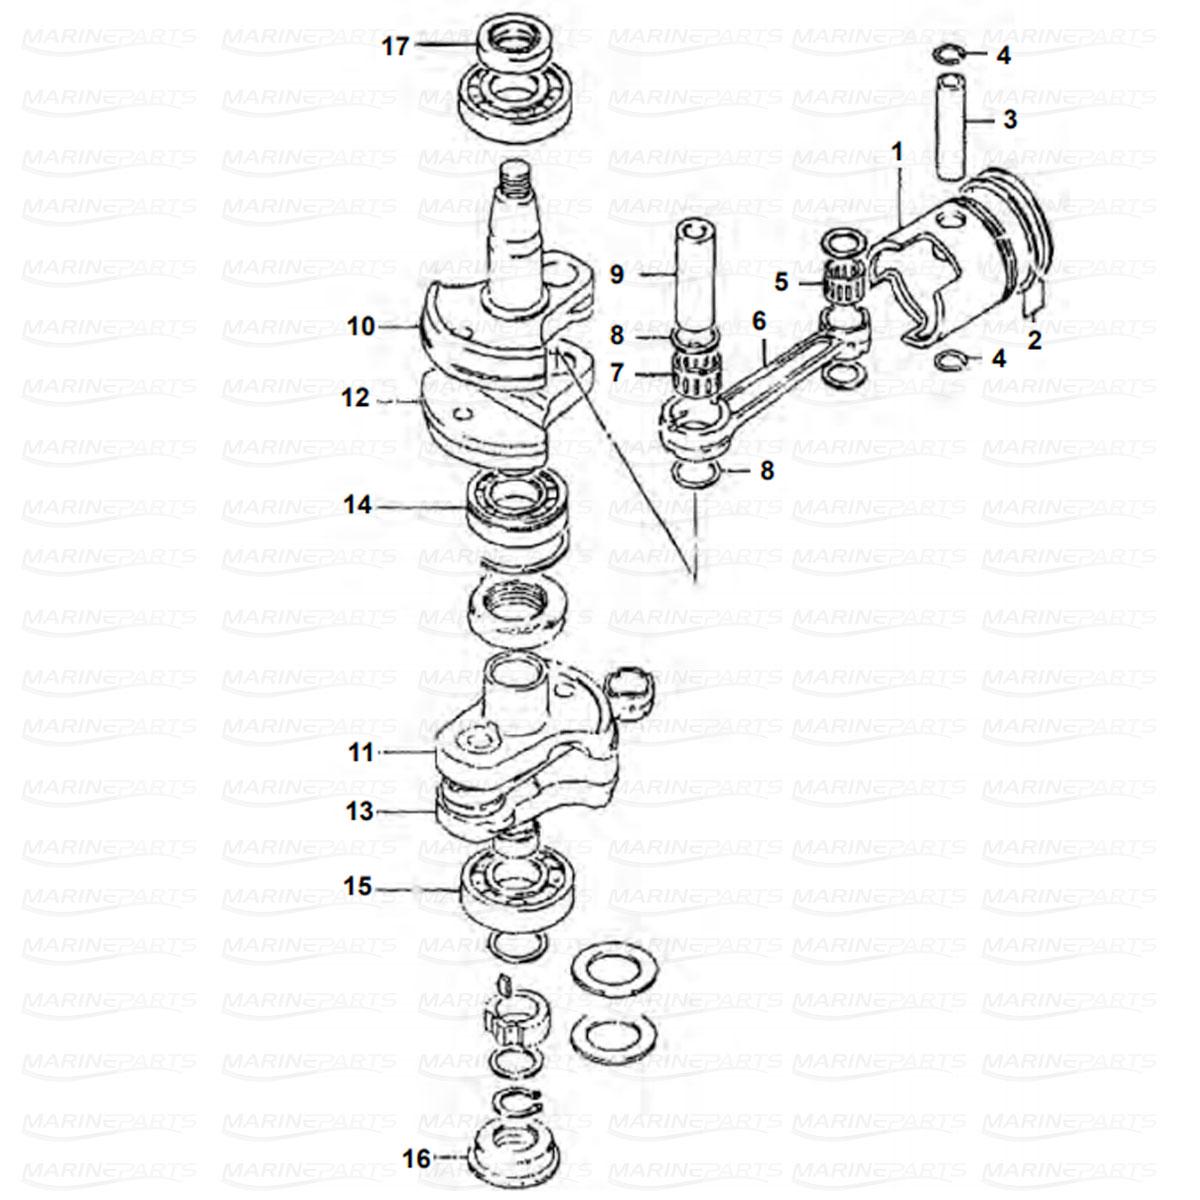 Crankshaft, Piston Suzuki D40C-W-G-X (1986-1999), DTW-K1-KA (2001-2004)